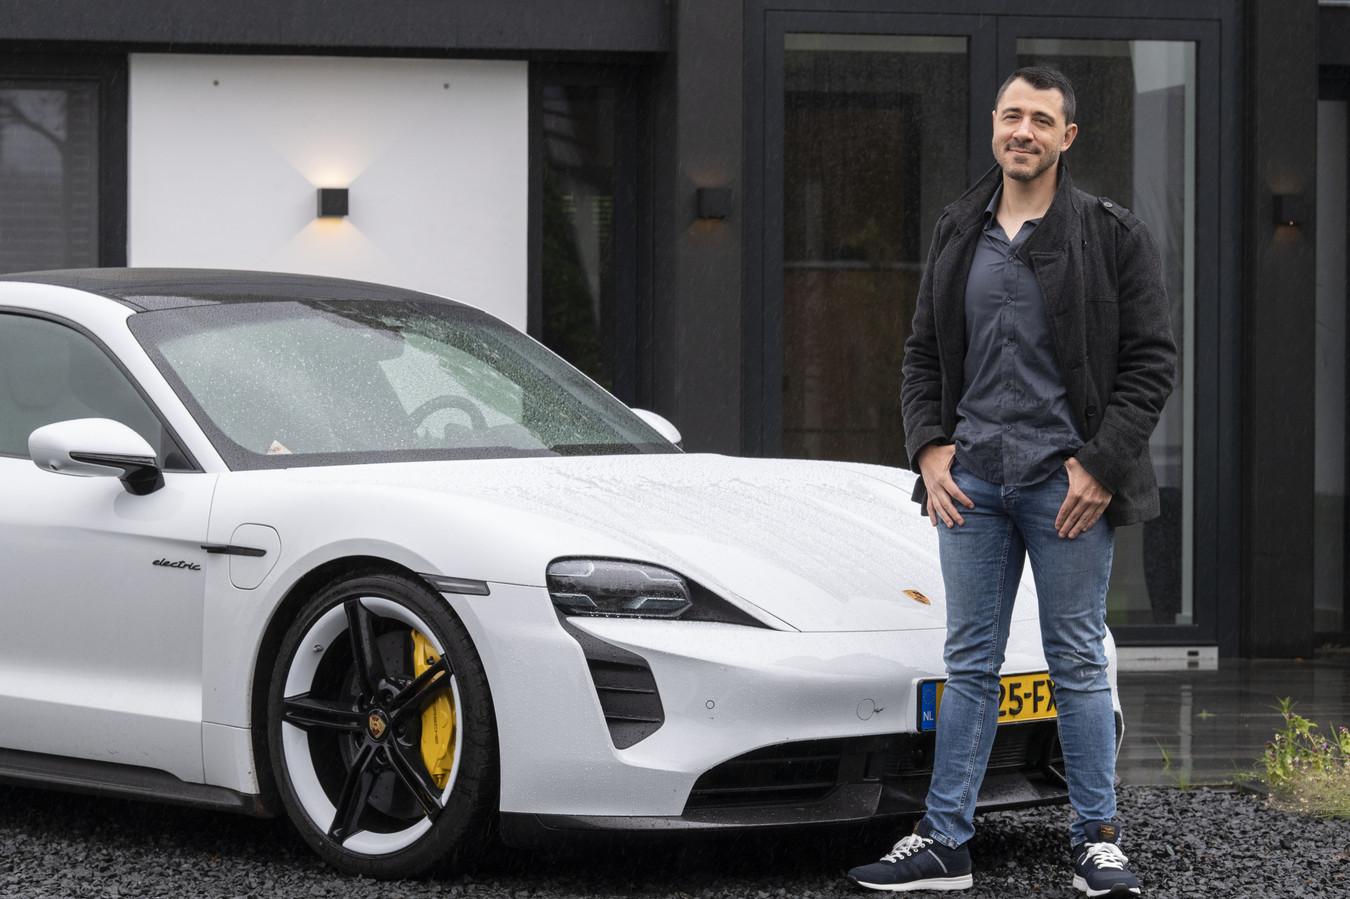 Alain Götz met de elektrische Porsche voor zijn nieuwe woning:  'Mensen die mij kennen, gunnen mij dit wel.'